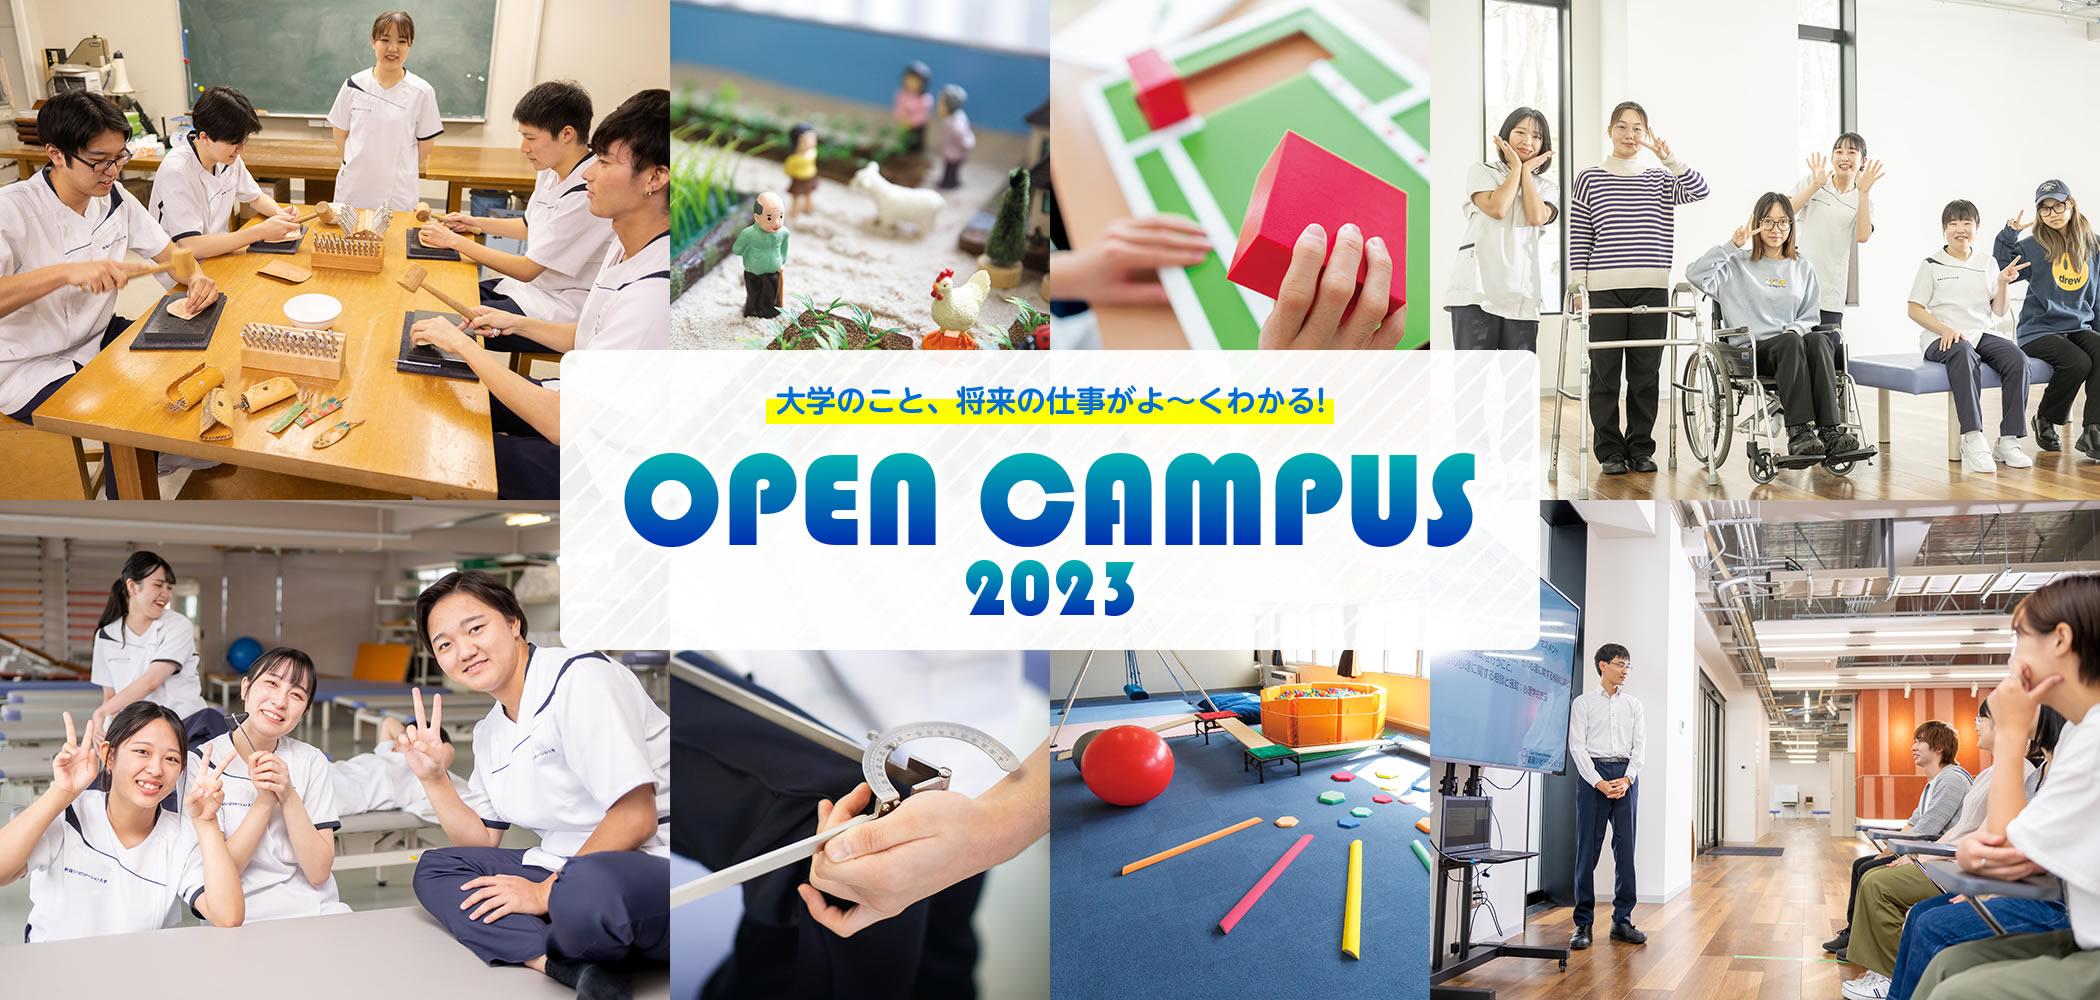 大学のこと、将来の仕事がよ~くわかる!オープンキャンパスで新潟リハ大を知ろう!